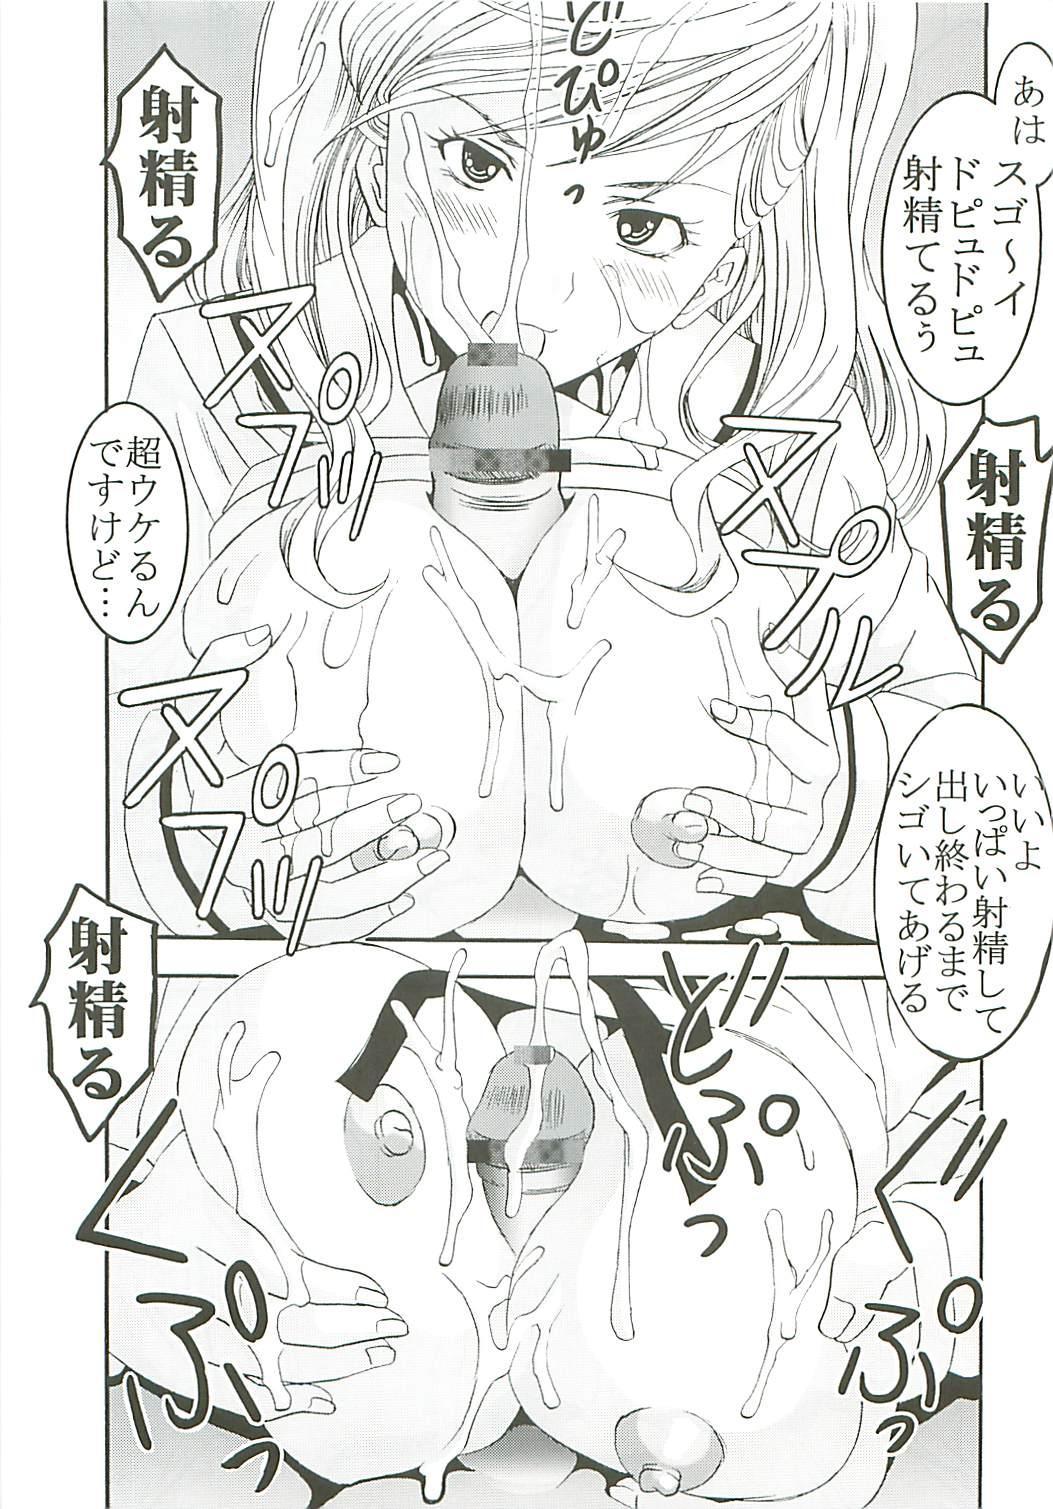 Chitsui Gentei Nakadashi Limited vol.4 31